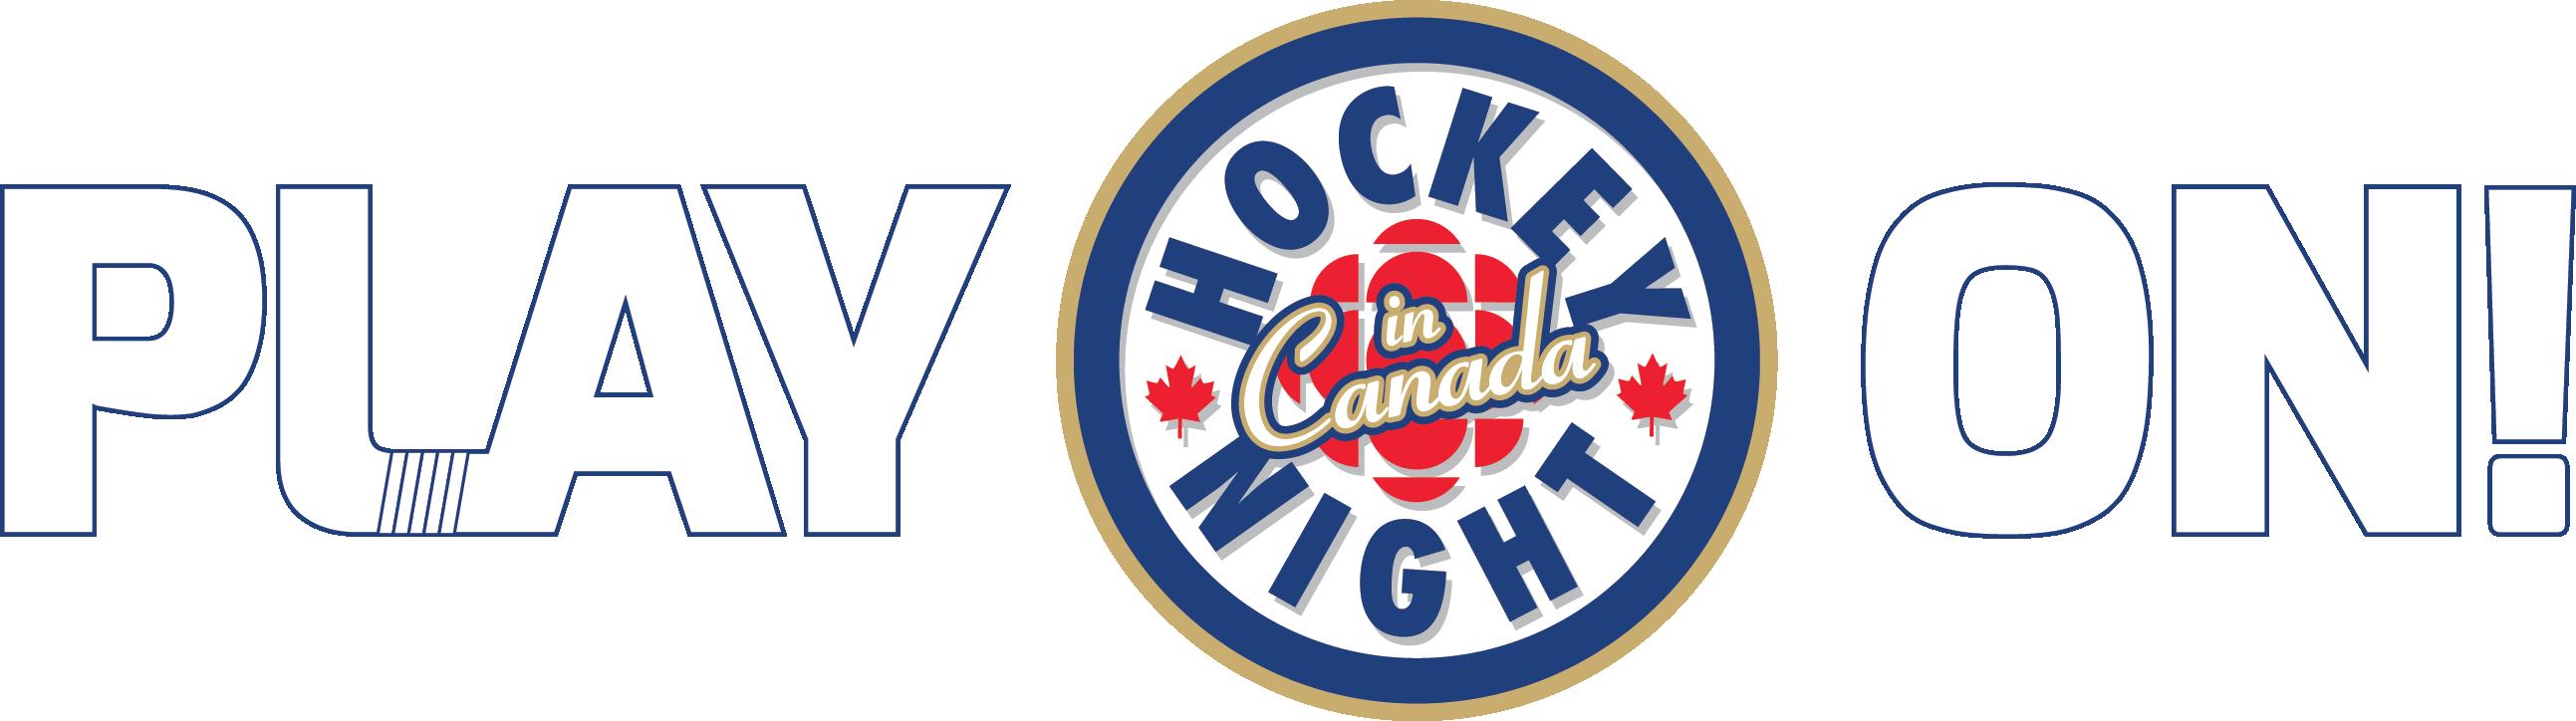 Play On! Canada Logo